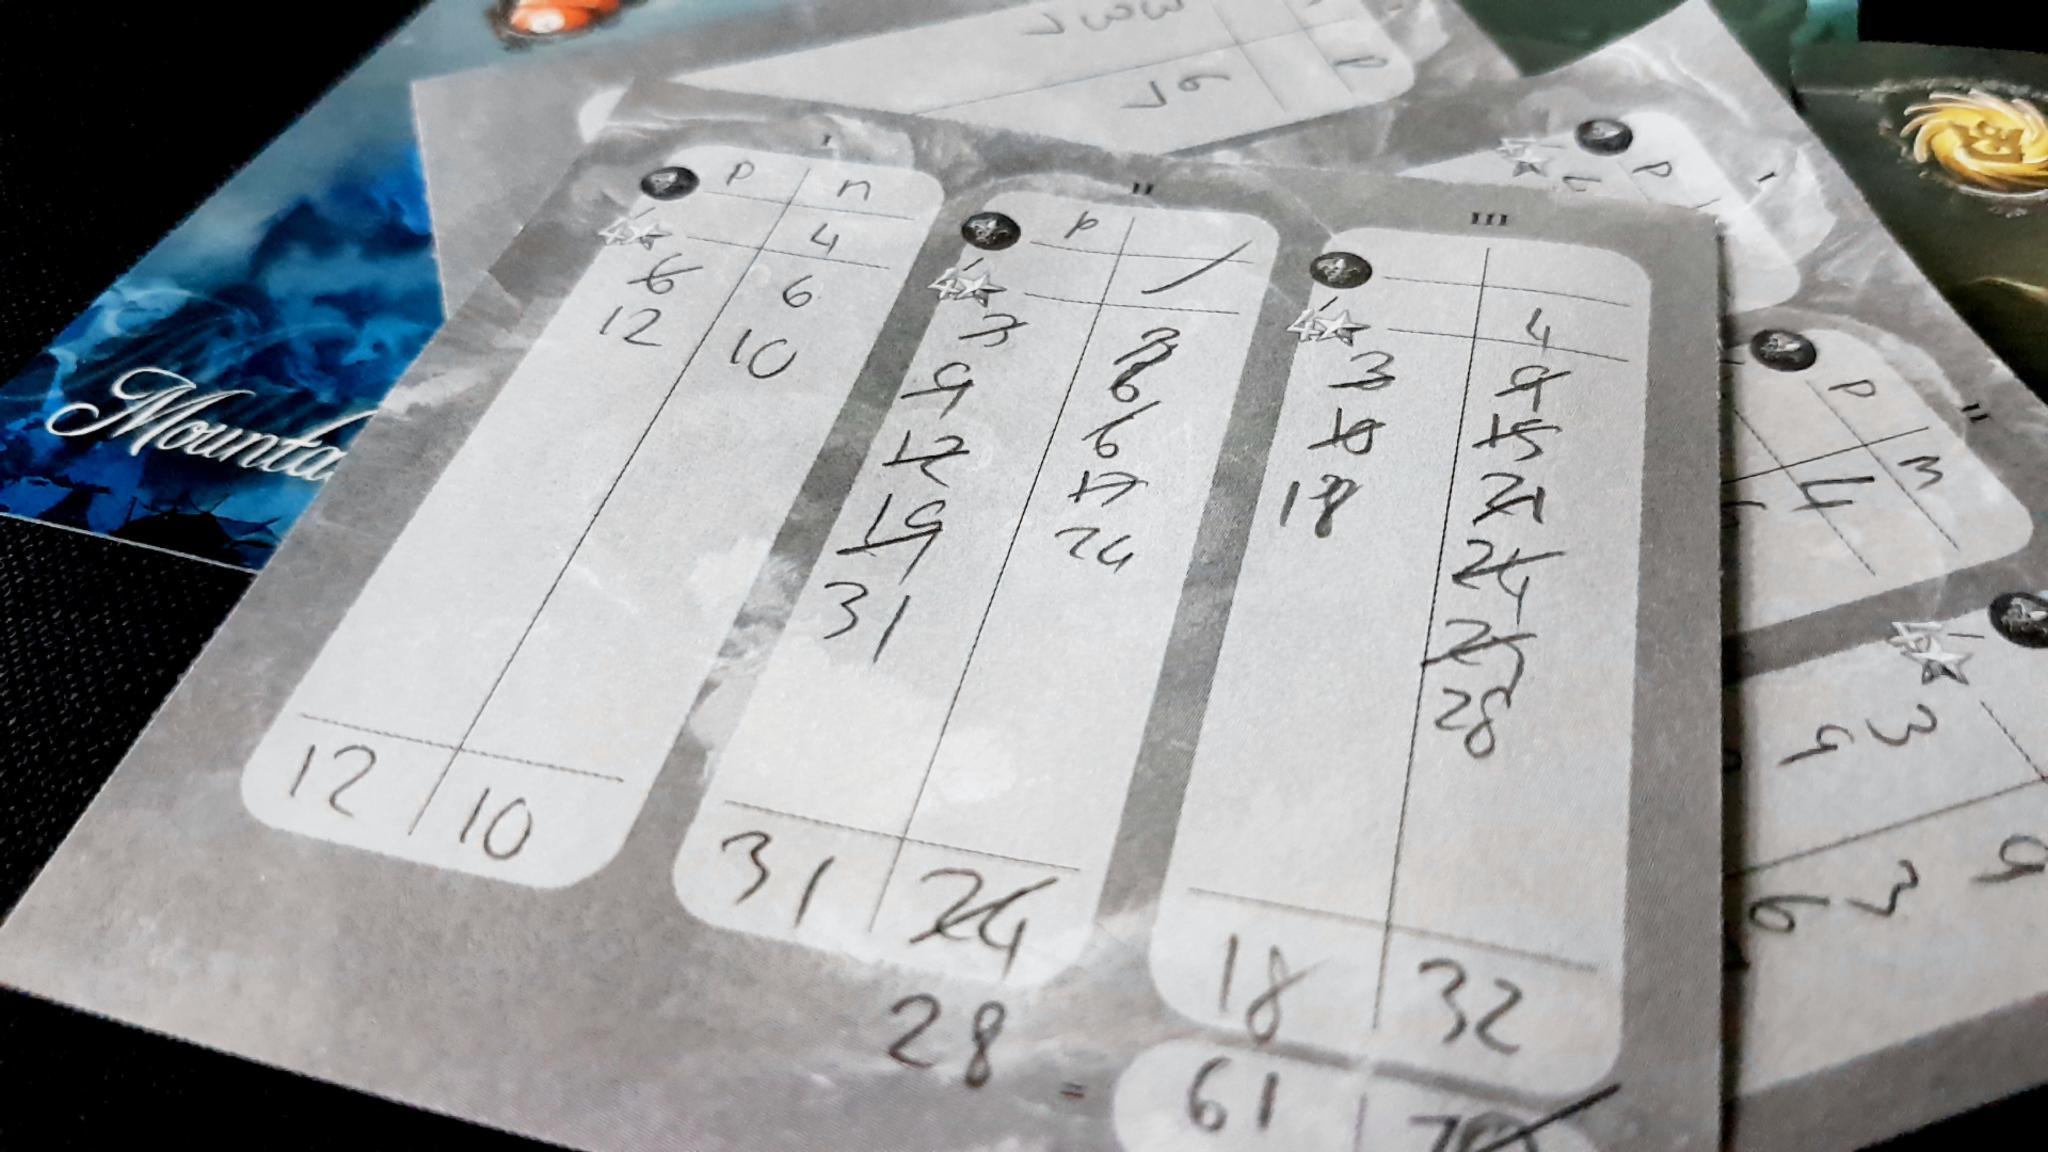 Scoring sheets